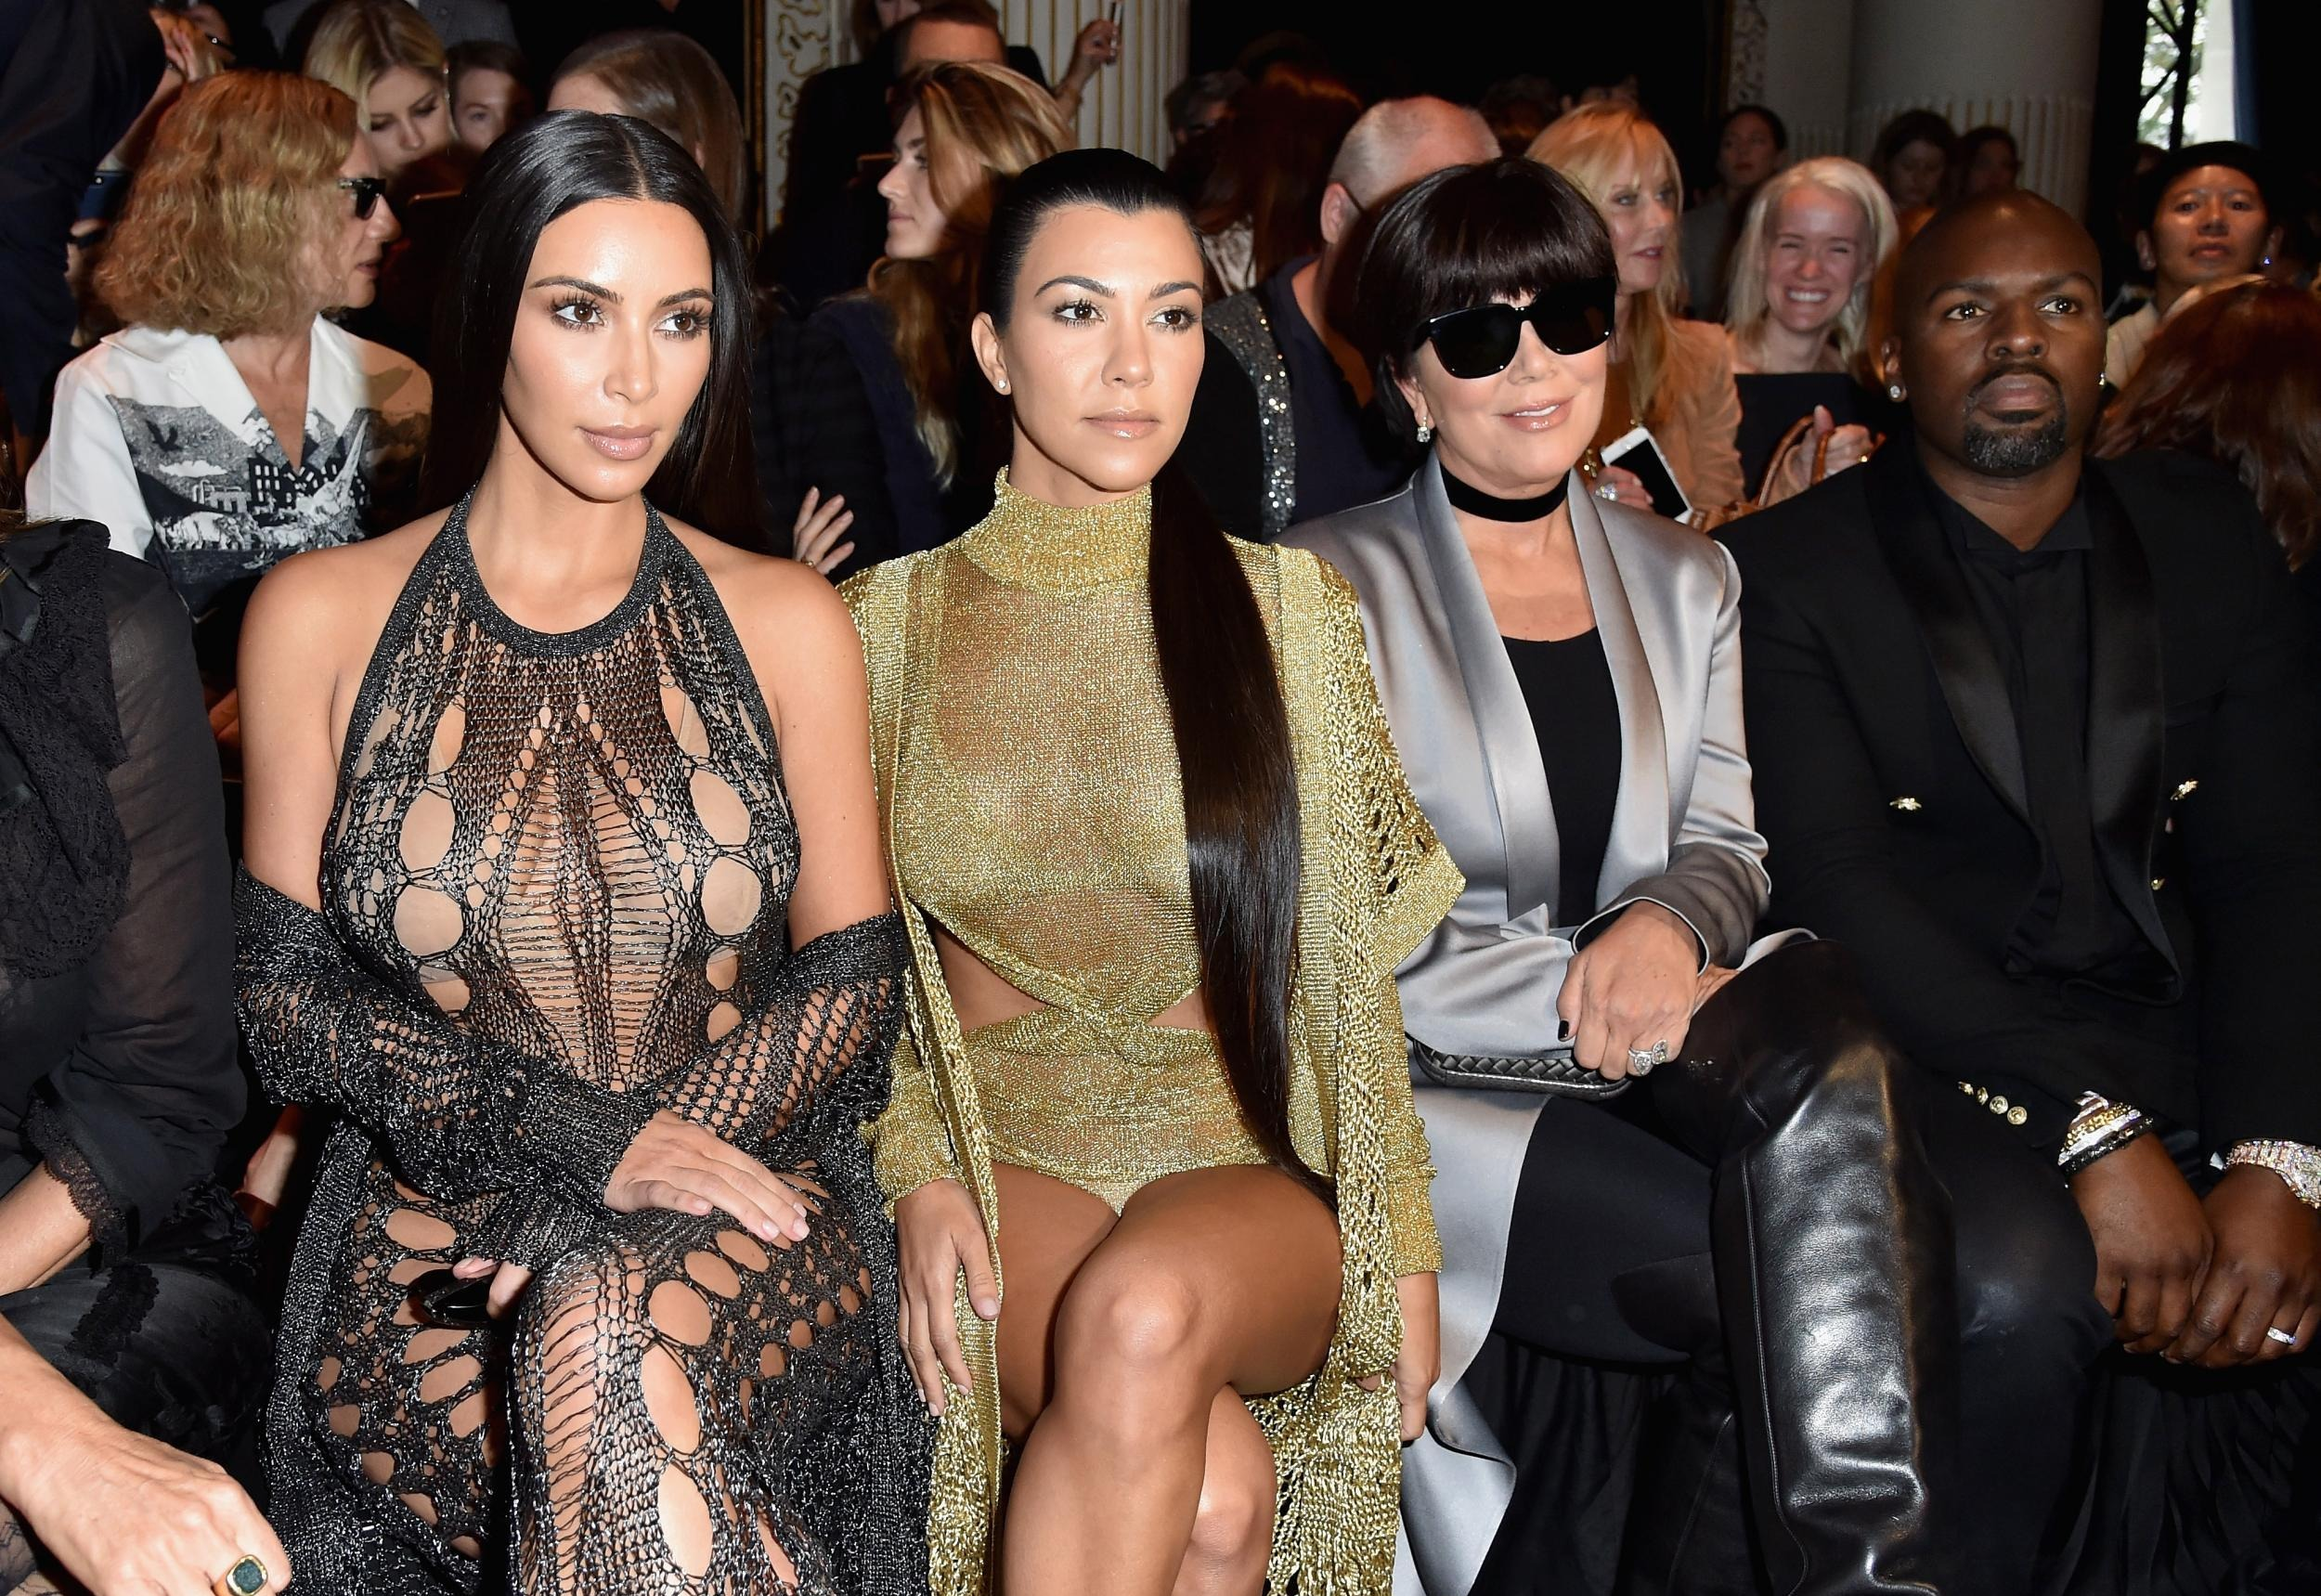 Kardashians at Paris Fashion Week